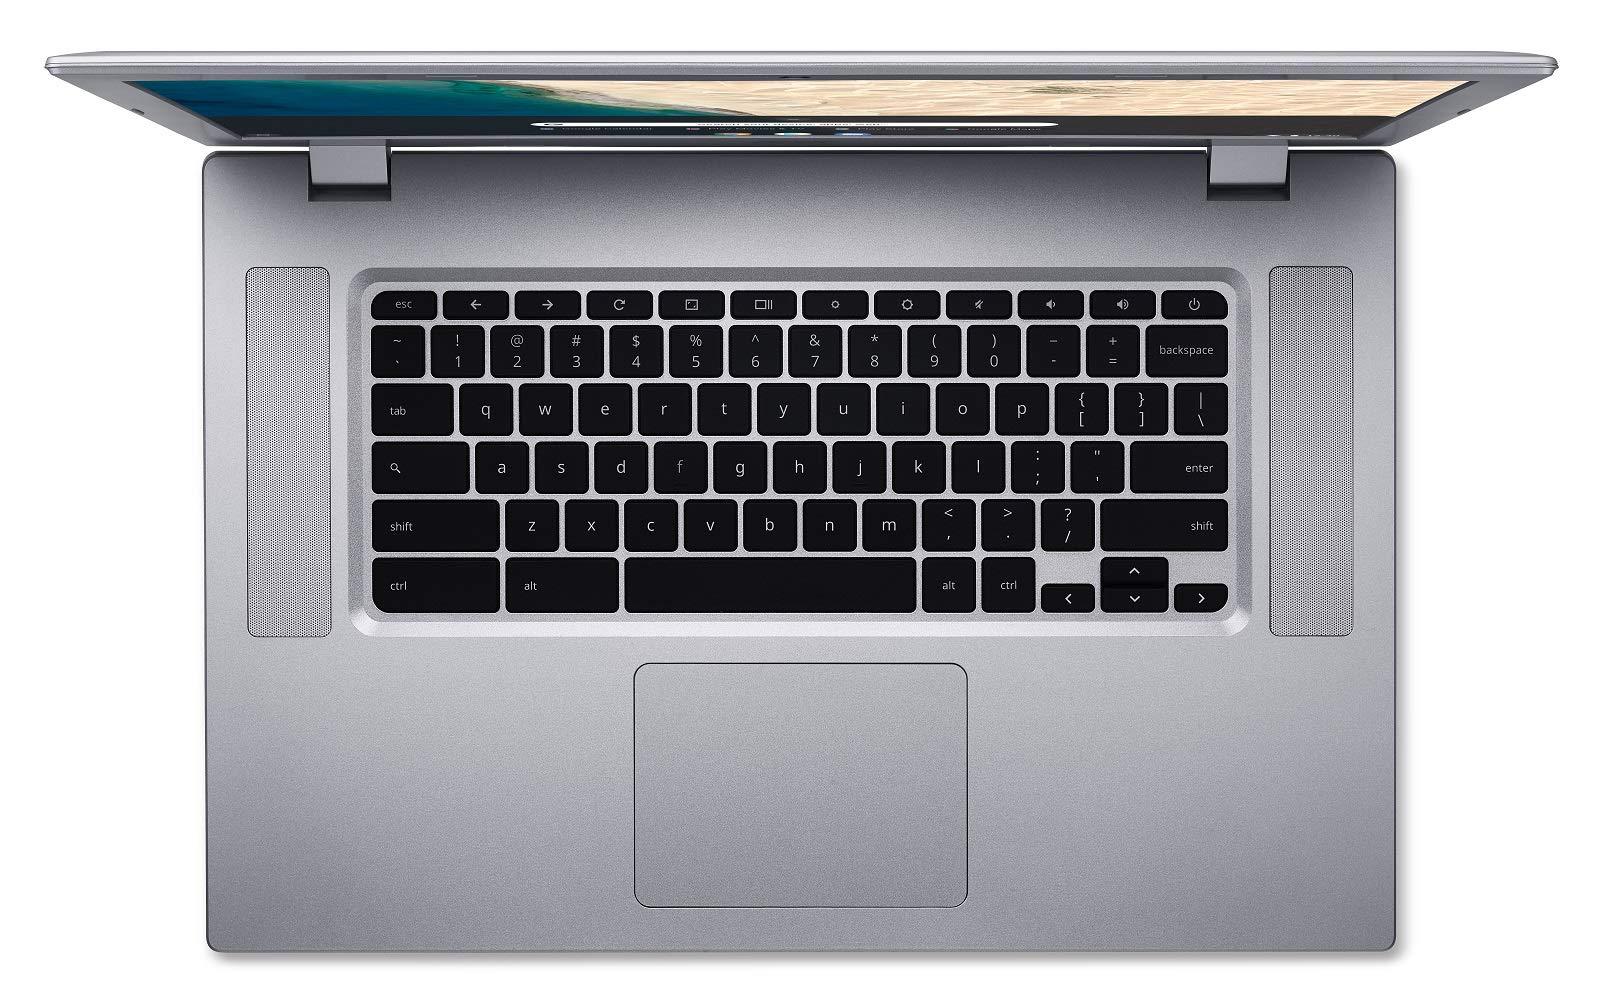 Acer-Chromebook-315-CB315-2H-AMD-A4-9120C-4GB-RAM-64GB-eMMC-156-inch-HD-display-Google-Chrome